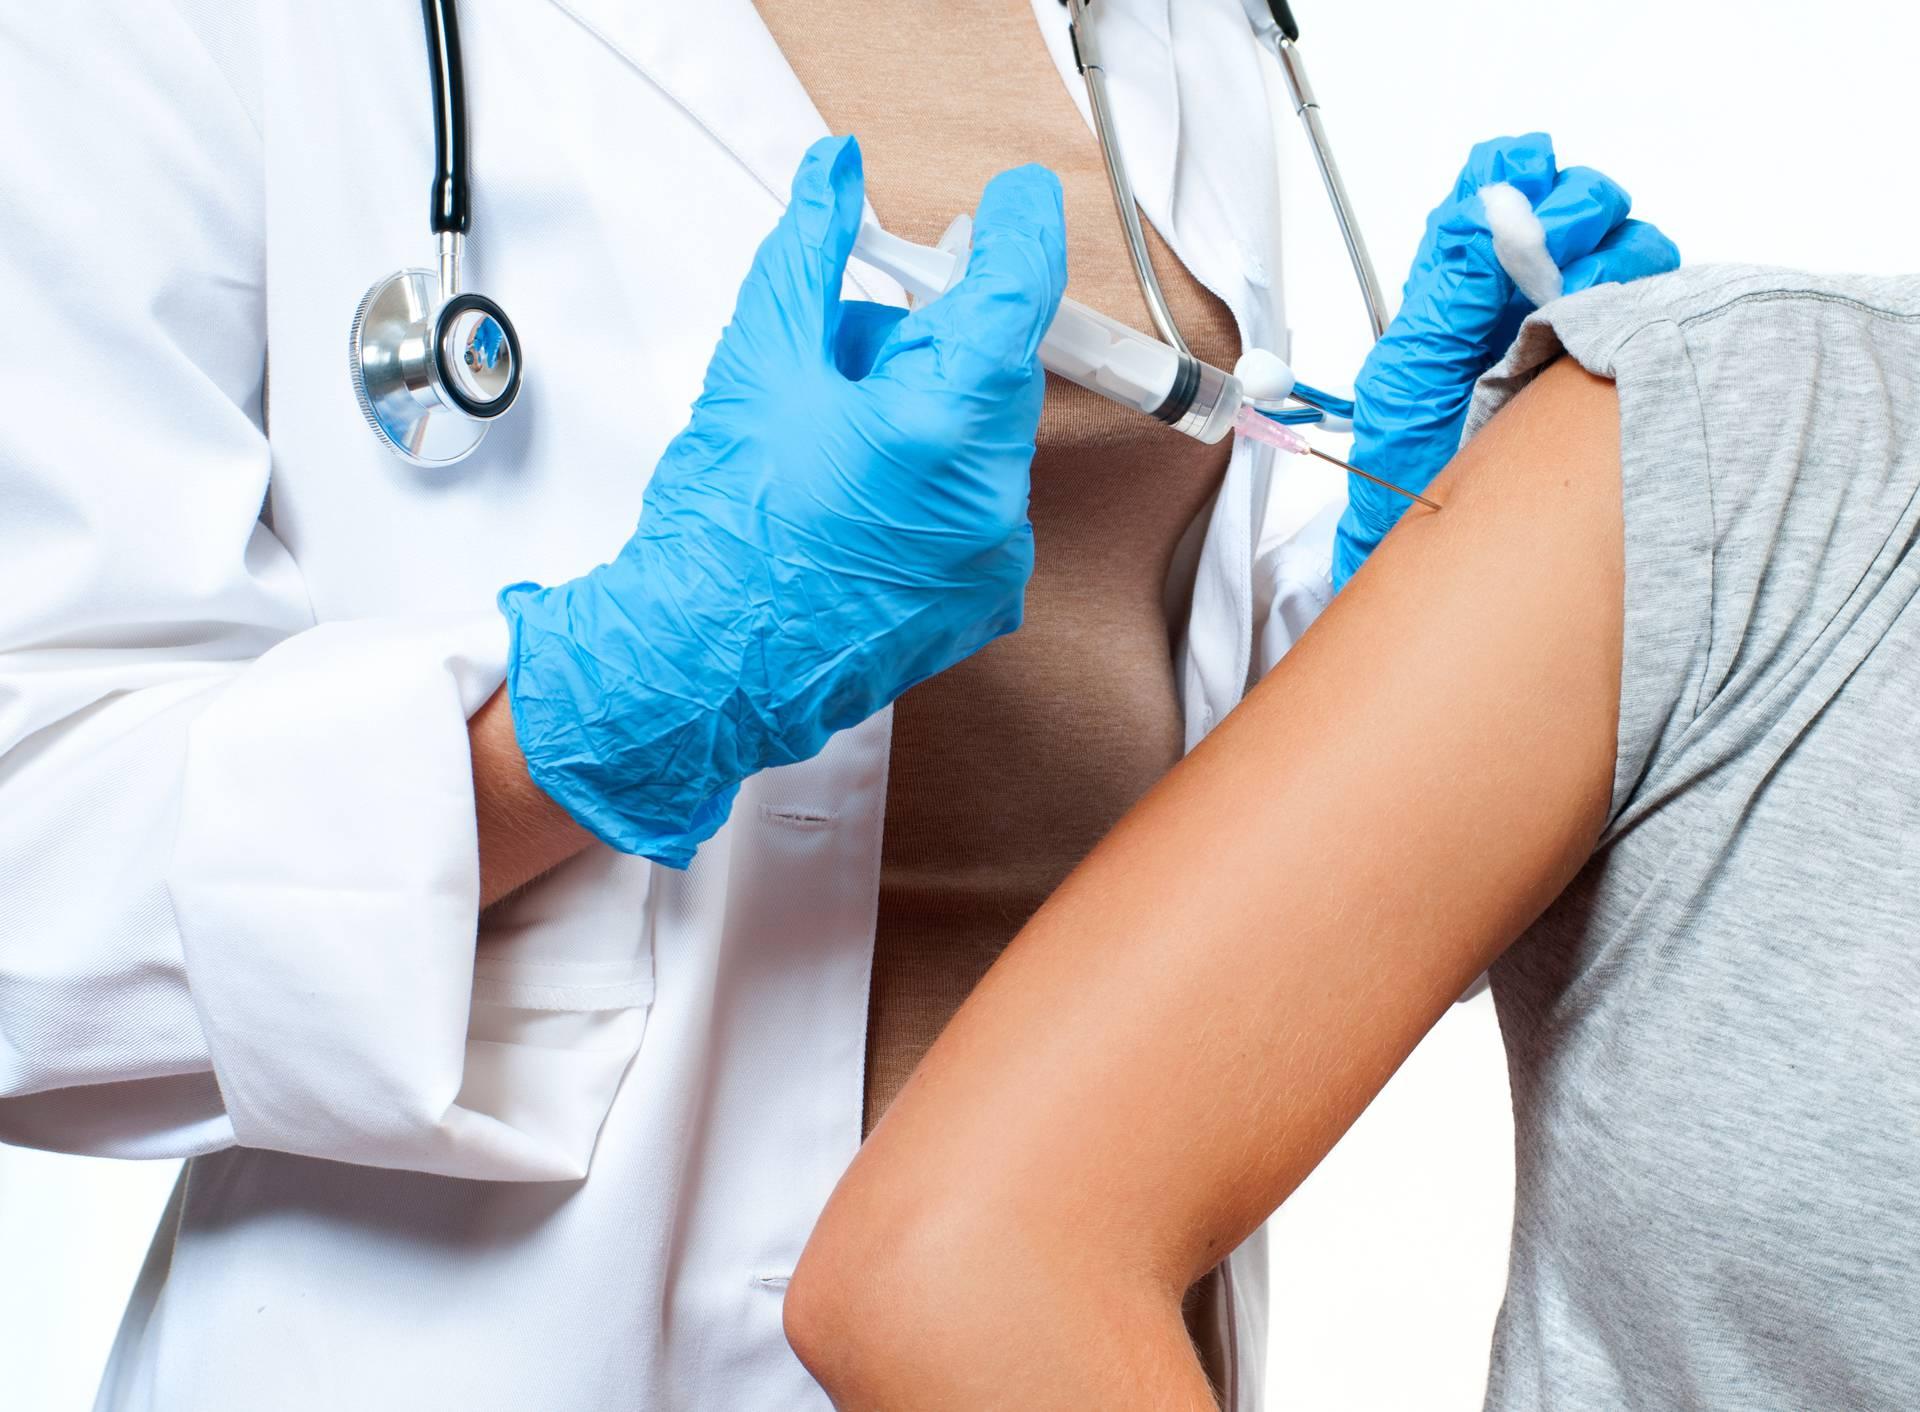 Dvostruko je više djevojčica i dječaka cjepljeno protiv HPV-a